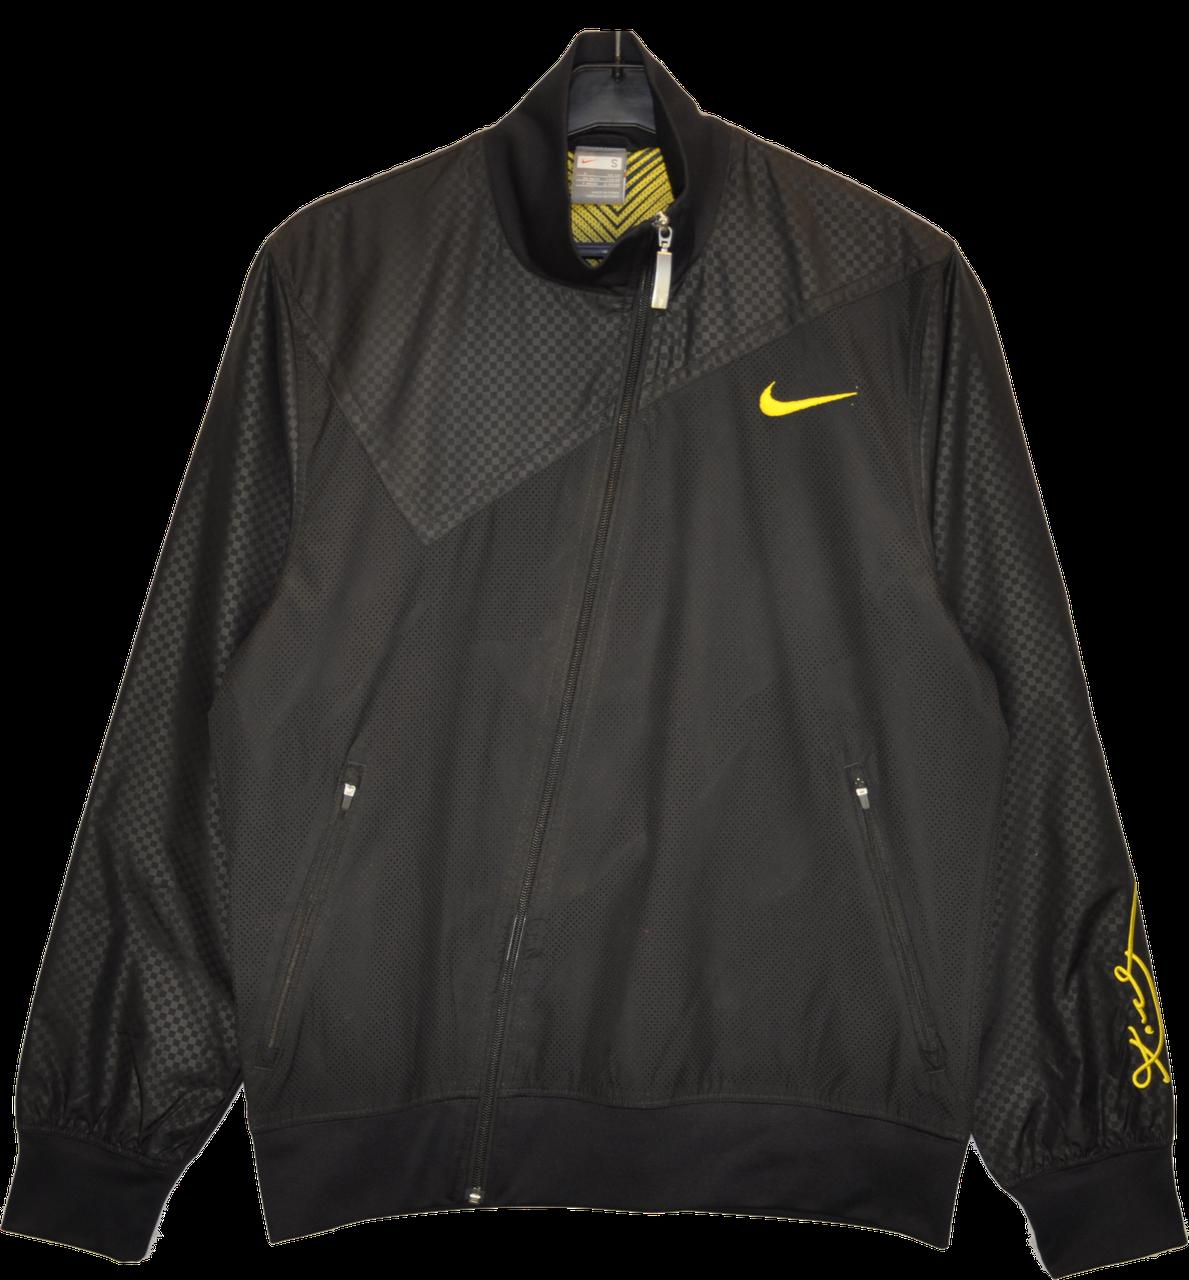 Мужская летняя ветровка Nike.